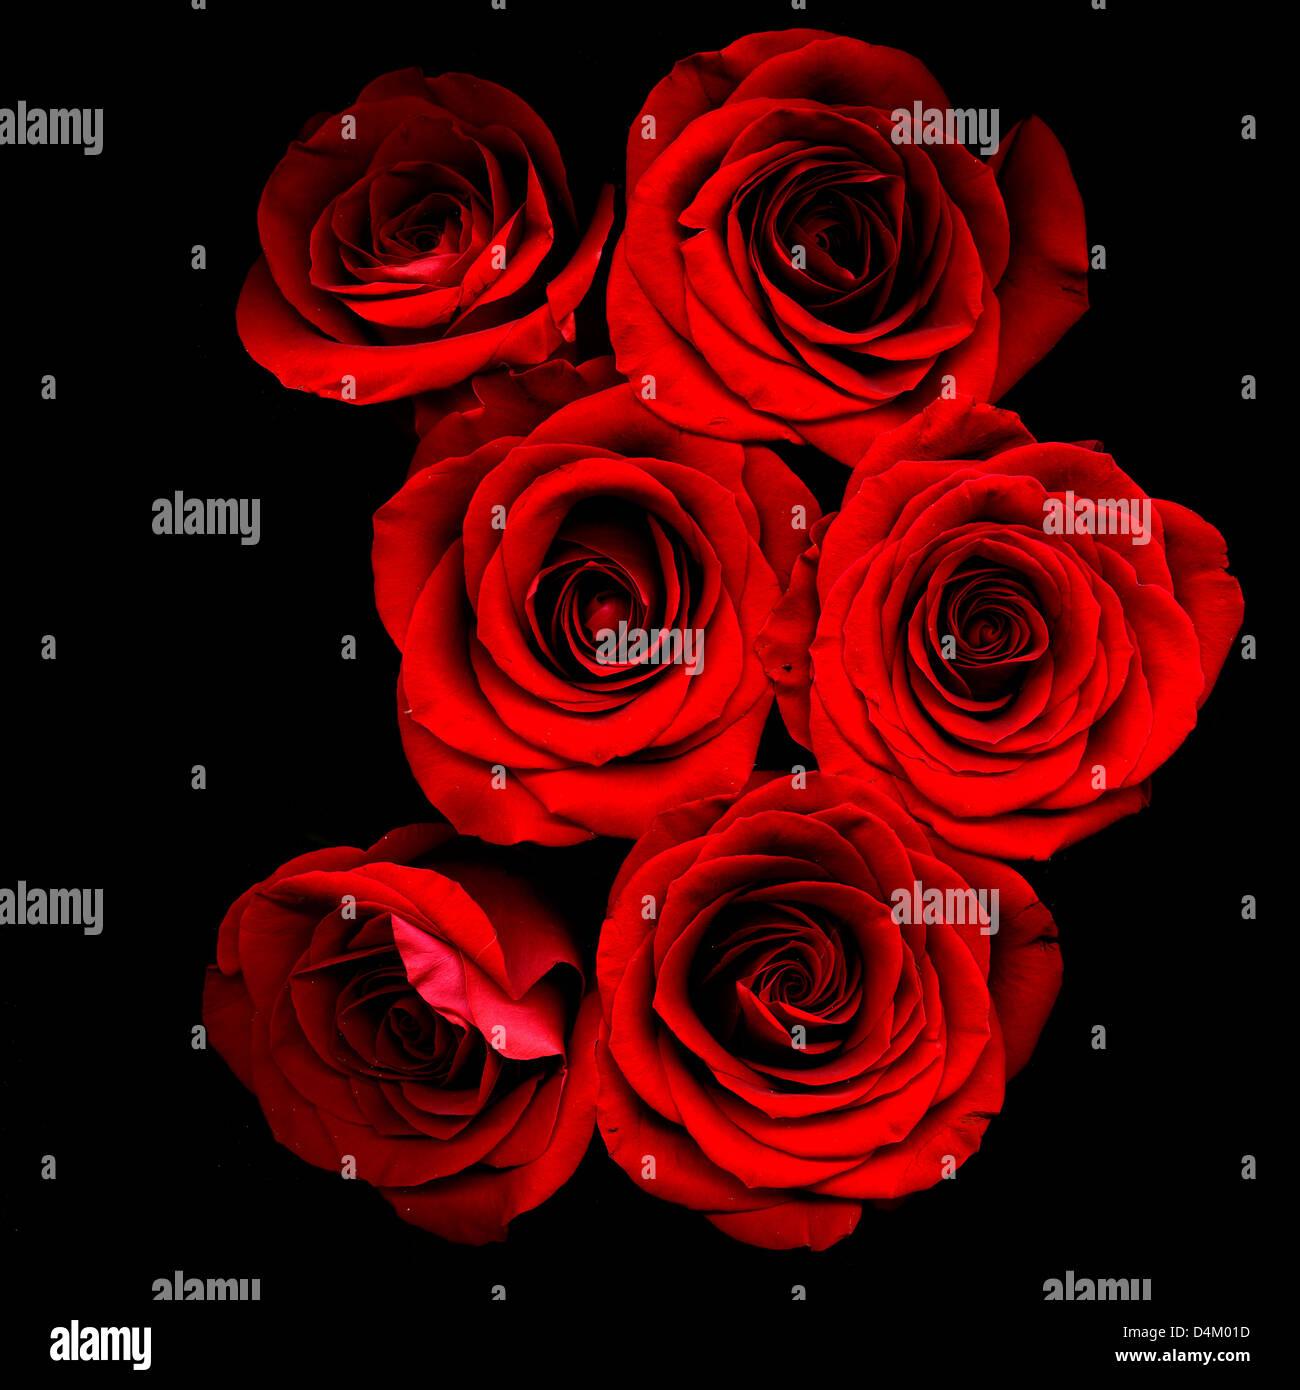 Rote Rosen auf schwarzem Hintergrund Stockbild